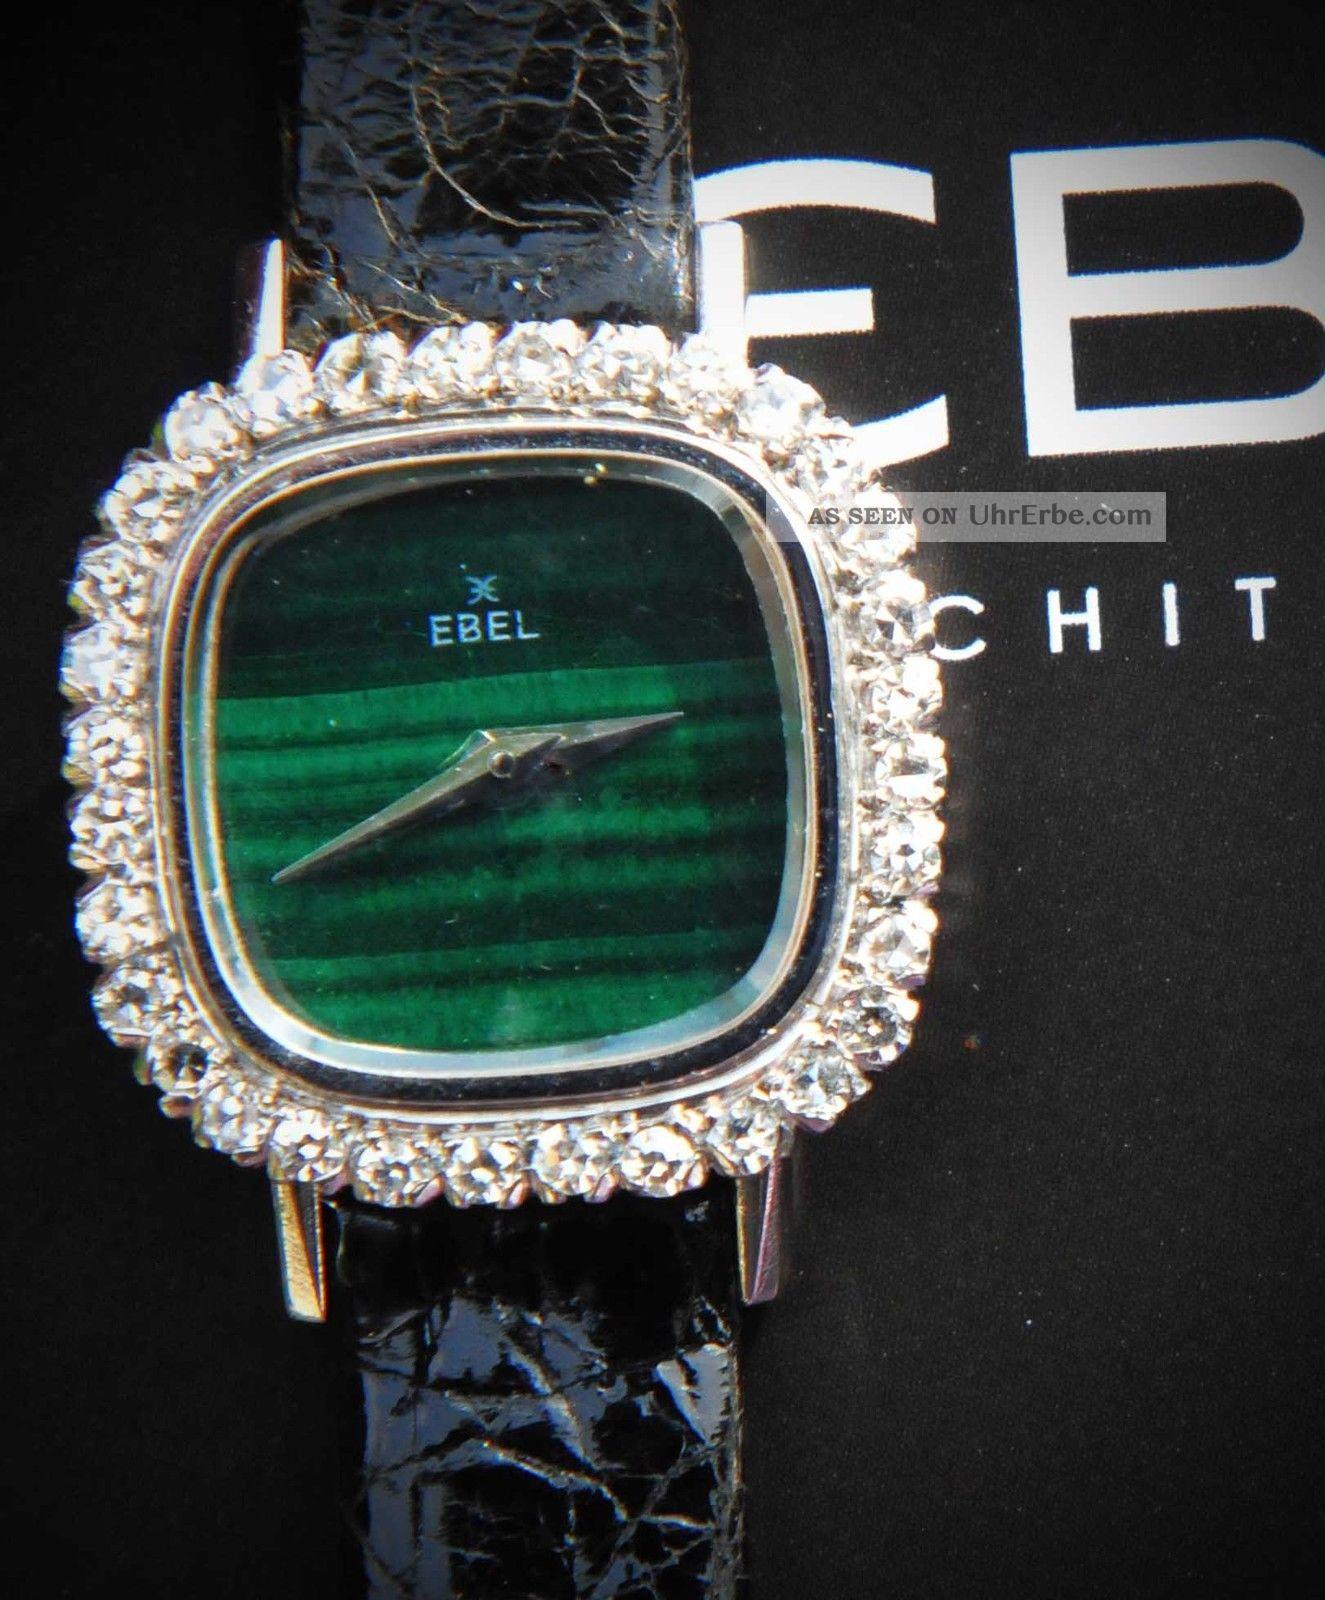 Ebel Lady Weiß Gold 750 Malachit Diamanten Armbanduhren Bild